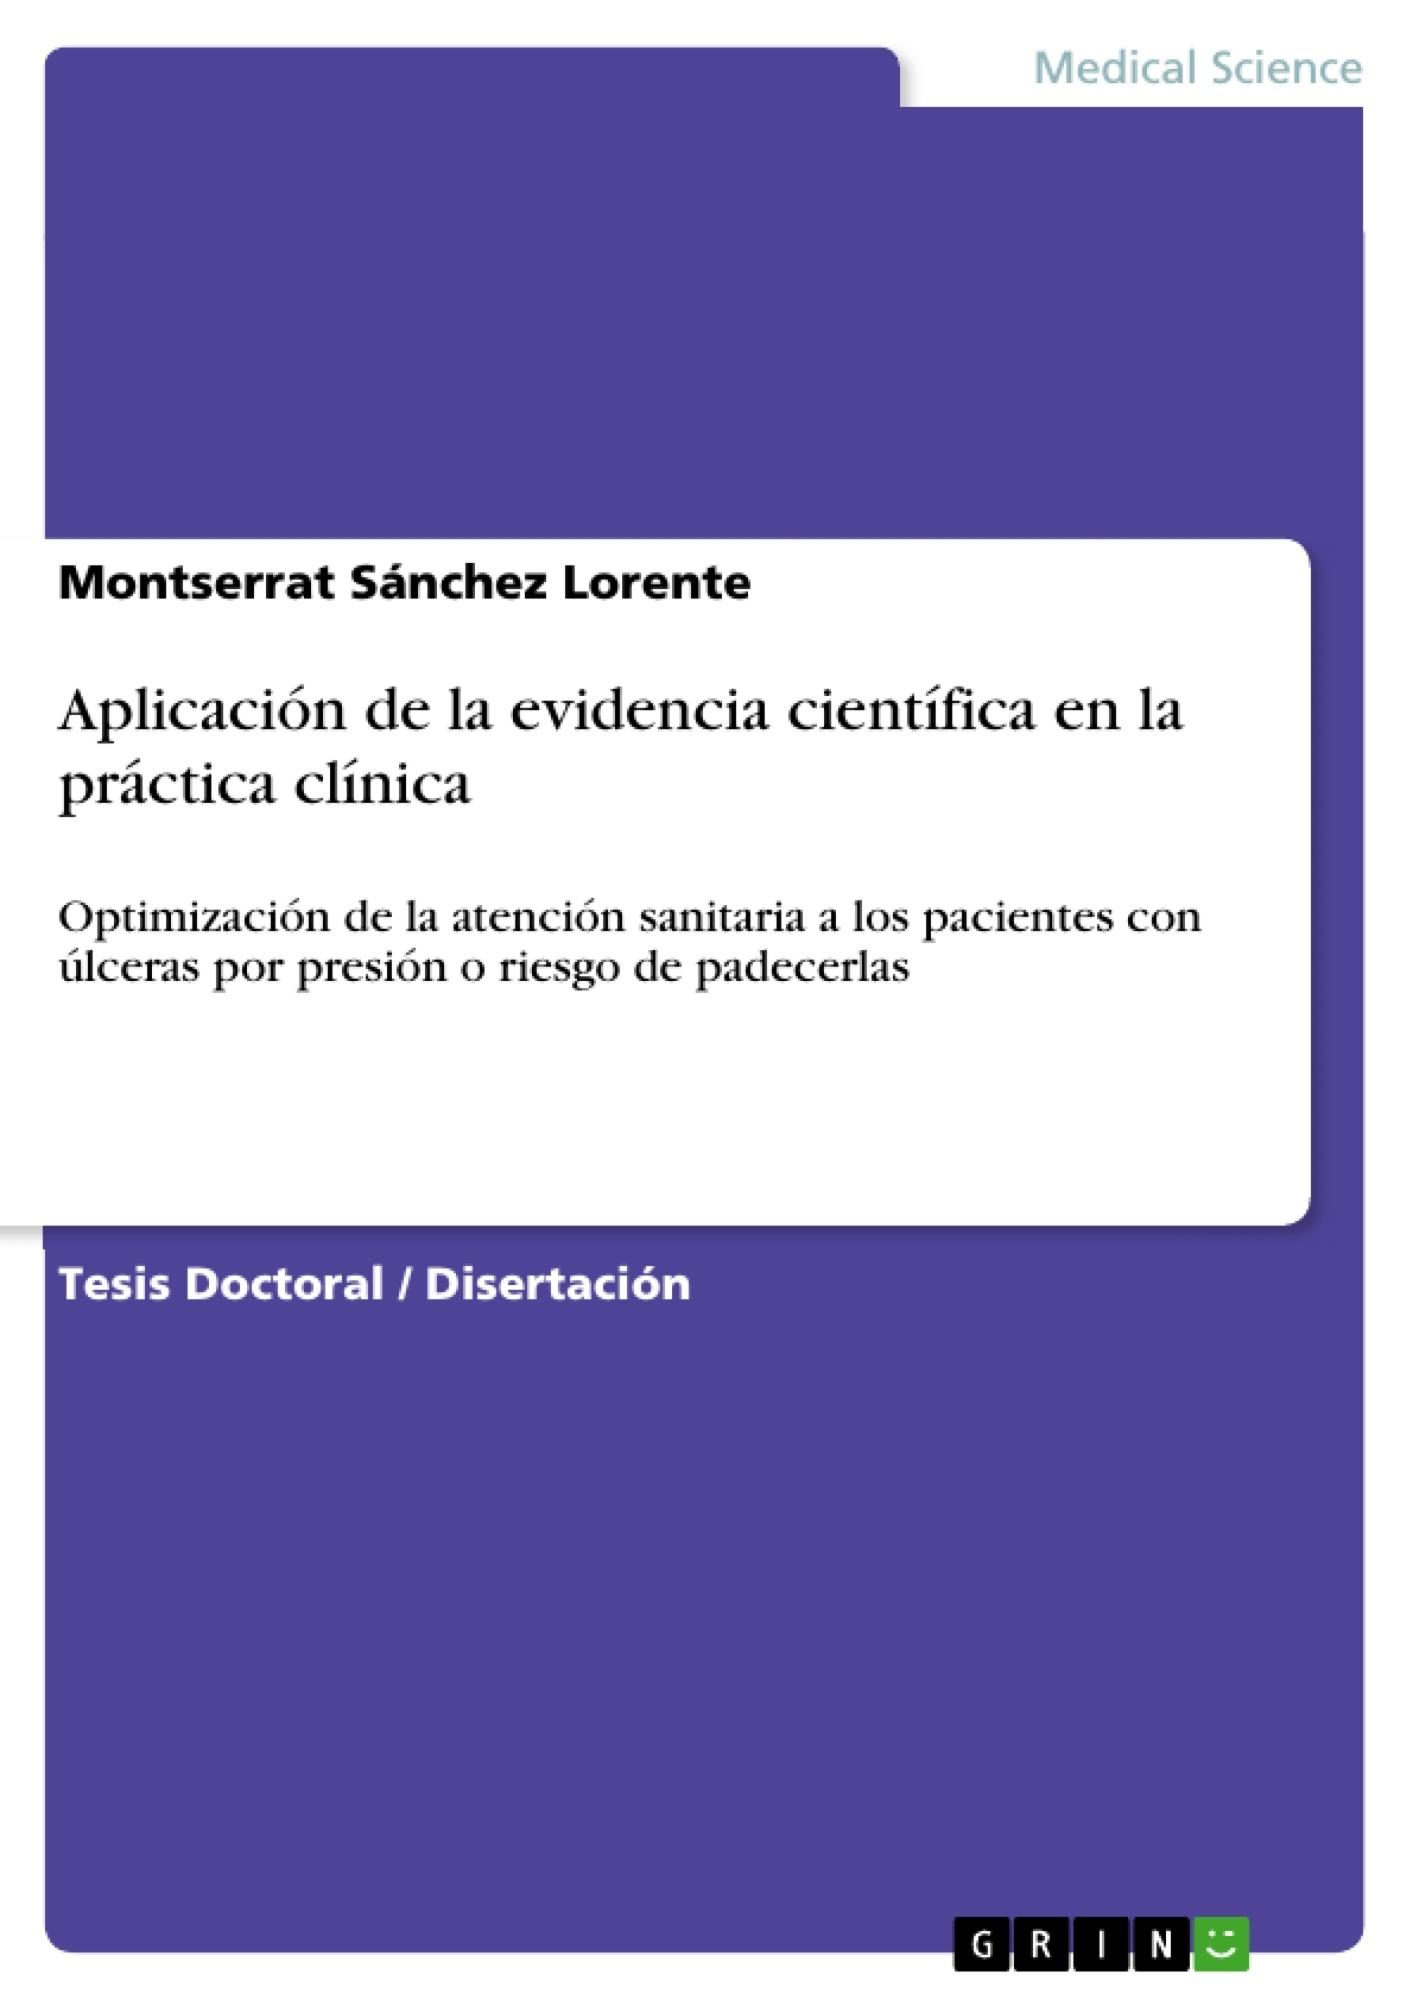 Título: Aplicación de la evidencia científica en la práctica clínica